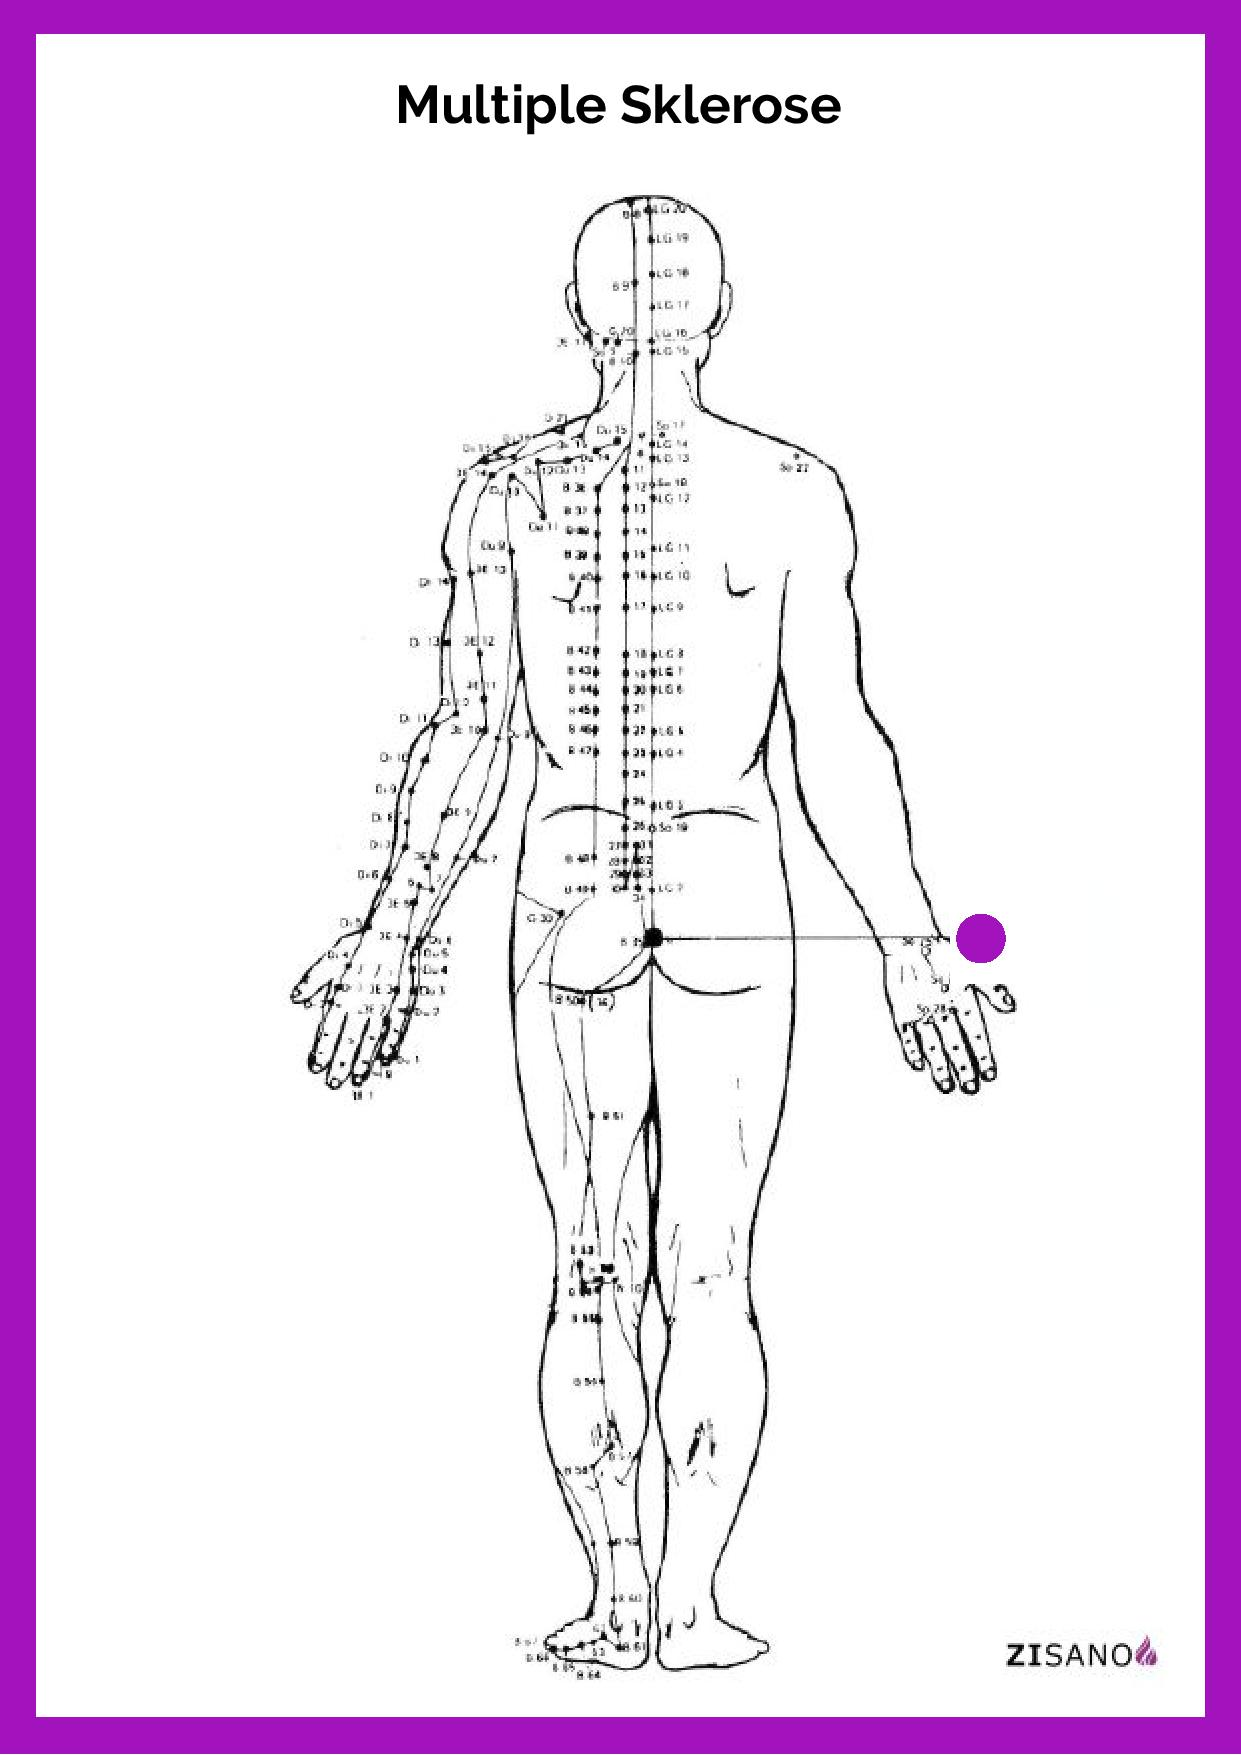 Meridiane - Multiple Sklerose - Beschwerden